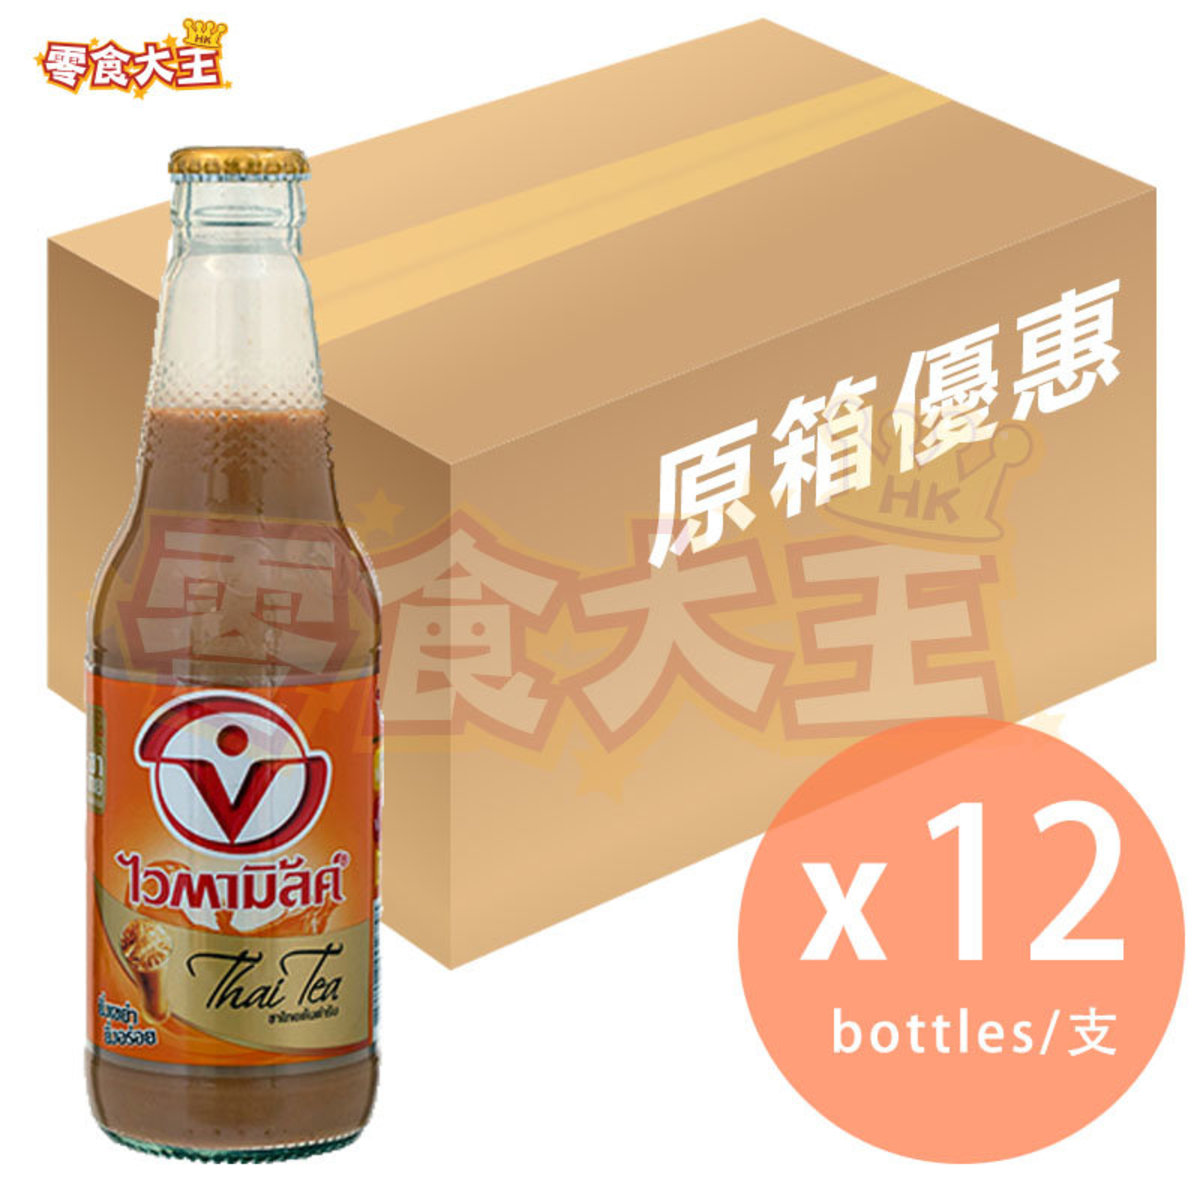 [Full Case] Thaitea Soymilk Togo 300ml x 12 bottles (8851028002758_12)